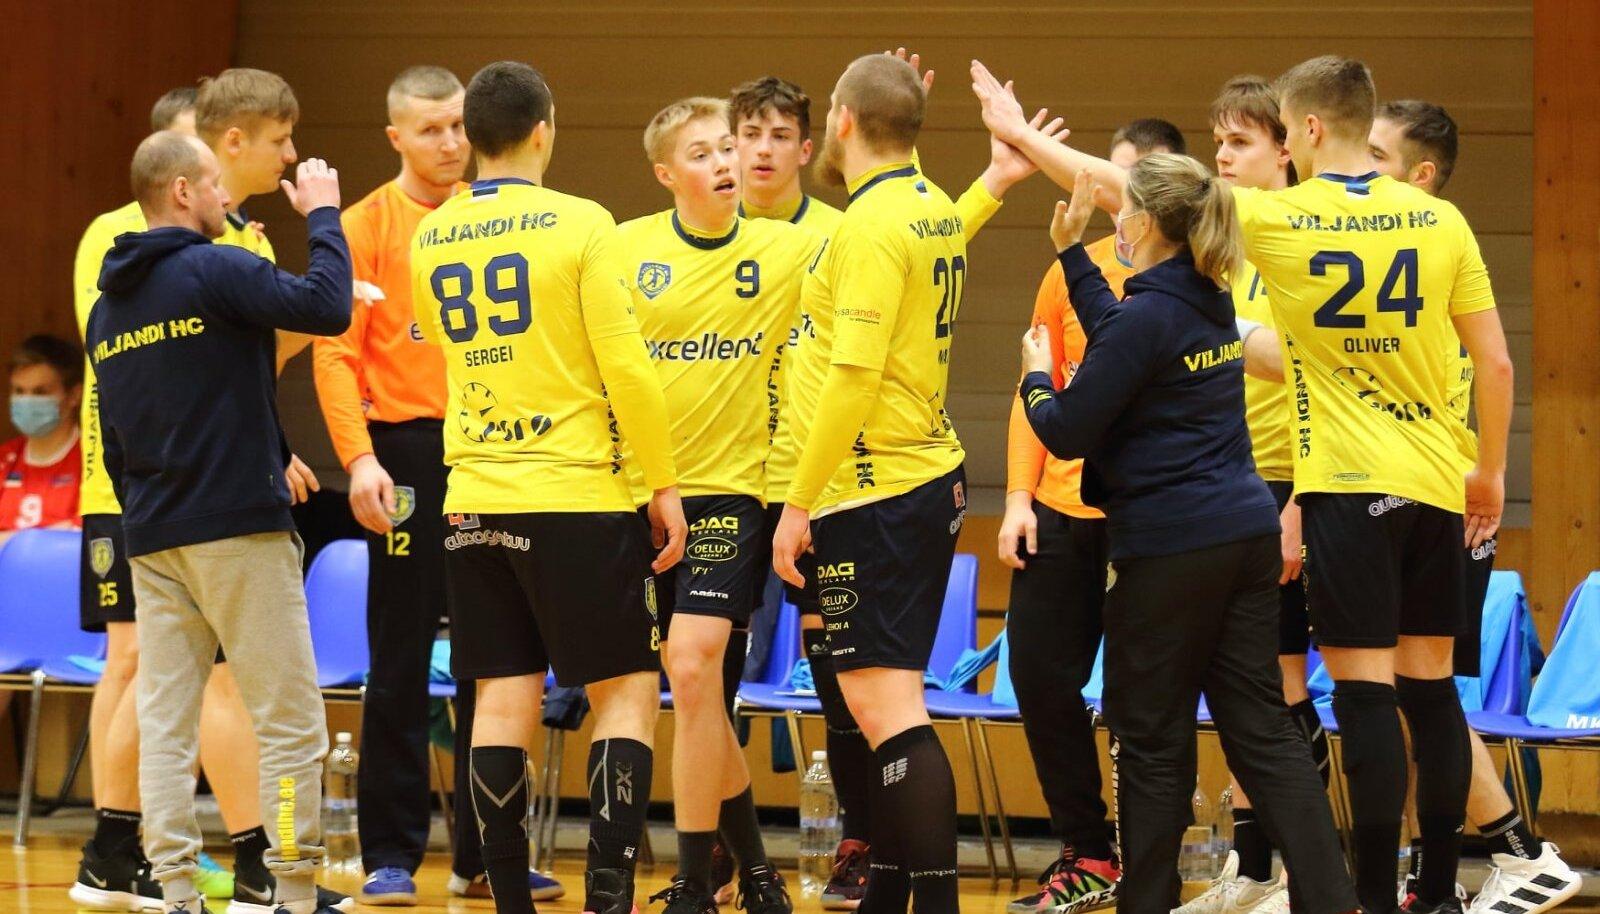 Viljandi HC liitus Serviti ja Tallinnaga ning osaleb algaval hooajal eurosarjas